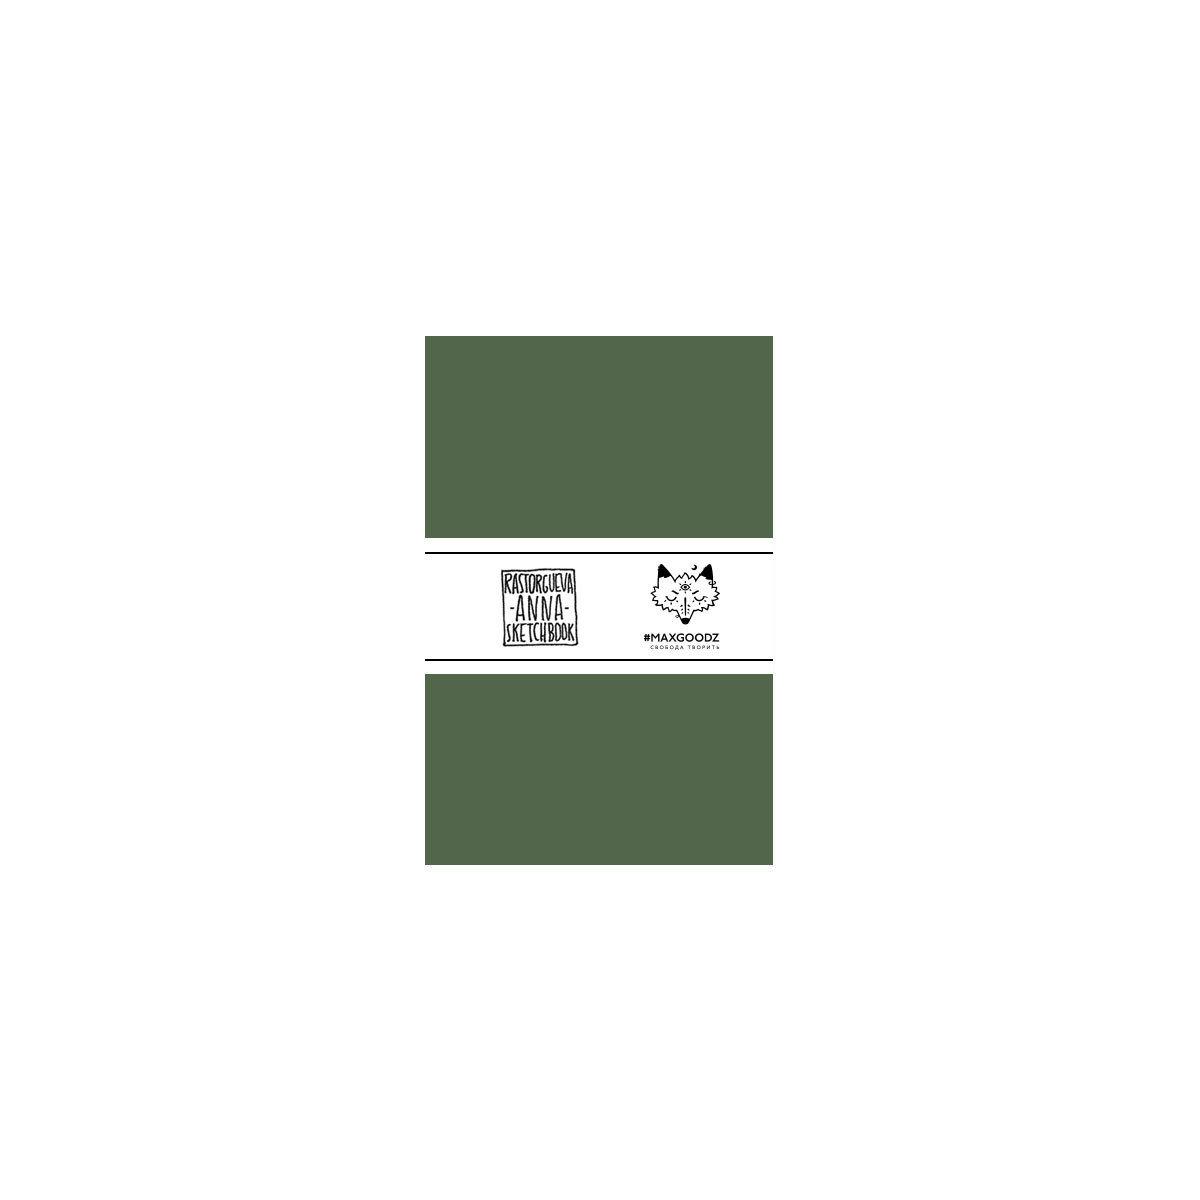 Купить Скетчбук для маркеров Maxgoodz Pocket Marker А6, 20 л, 220 г Болотный, Россия